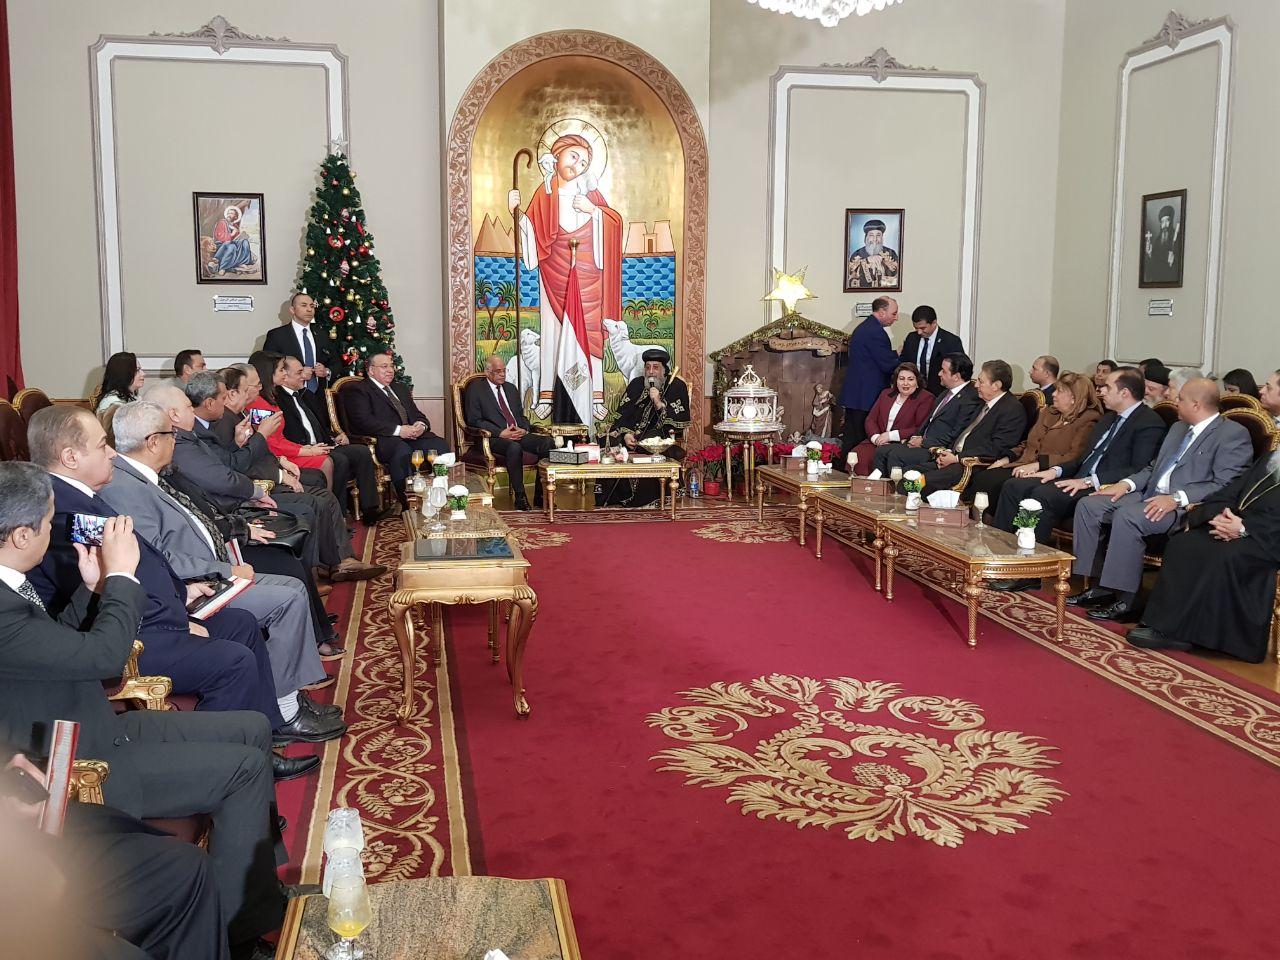 الباب تواضروس يستقبل وفد مجلس النواب المهنئ بعيد الميلاد